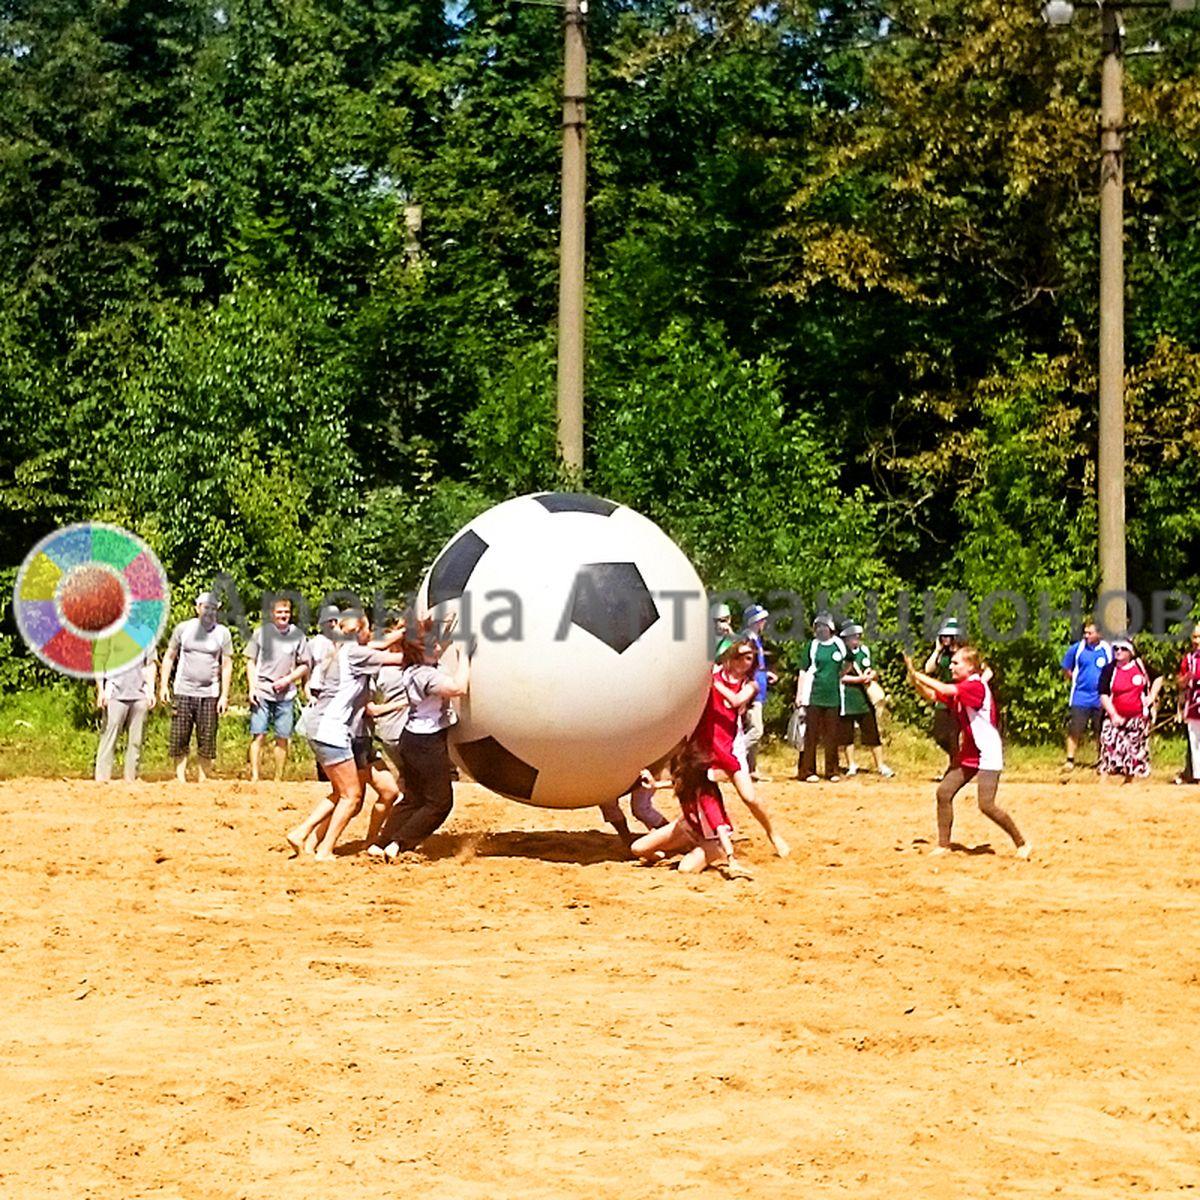 Аренда надувного аттракциона Футбол гигантский